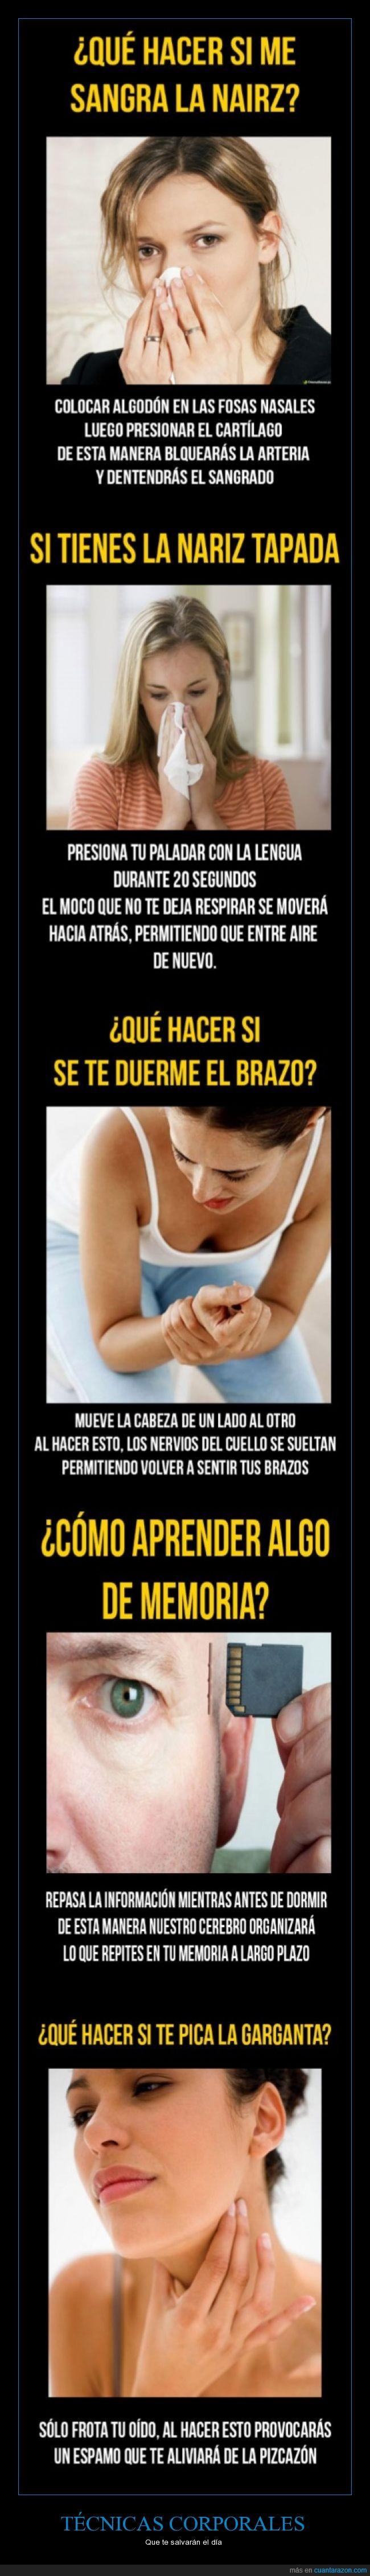 aprender,cuerpo,curar,dormir,facil,garganta,memoria,picar,técnica dolor